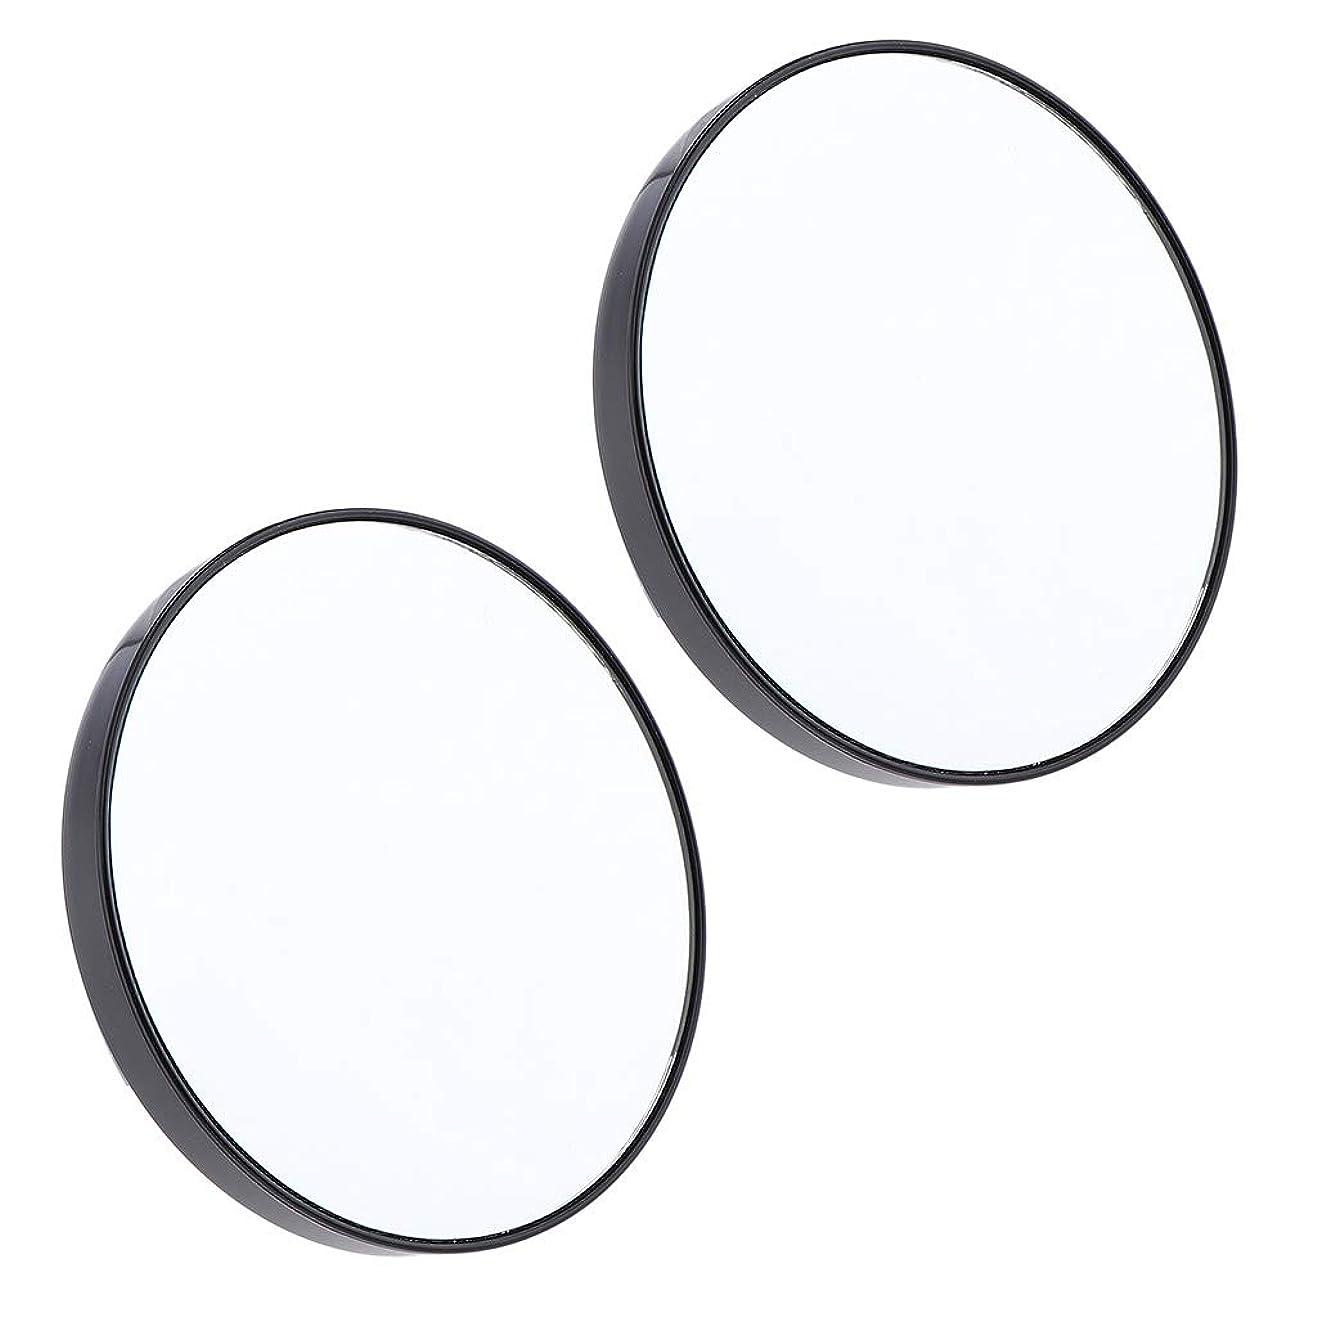 割合実現可能性息切れF Fityle 2個 サクションミラー メイクミラー 化粧鏡 10倍 拡大鏡 壁の吸引ミラー